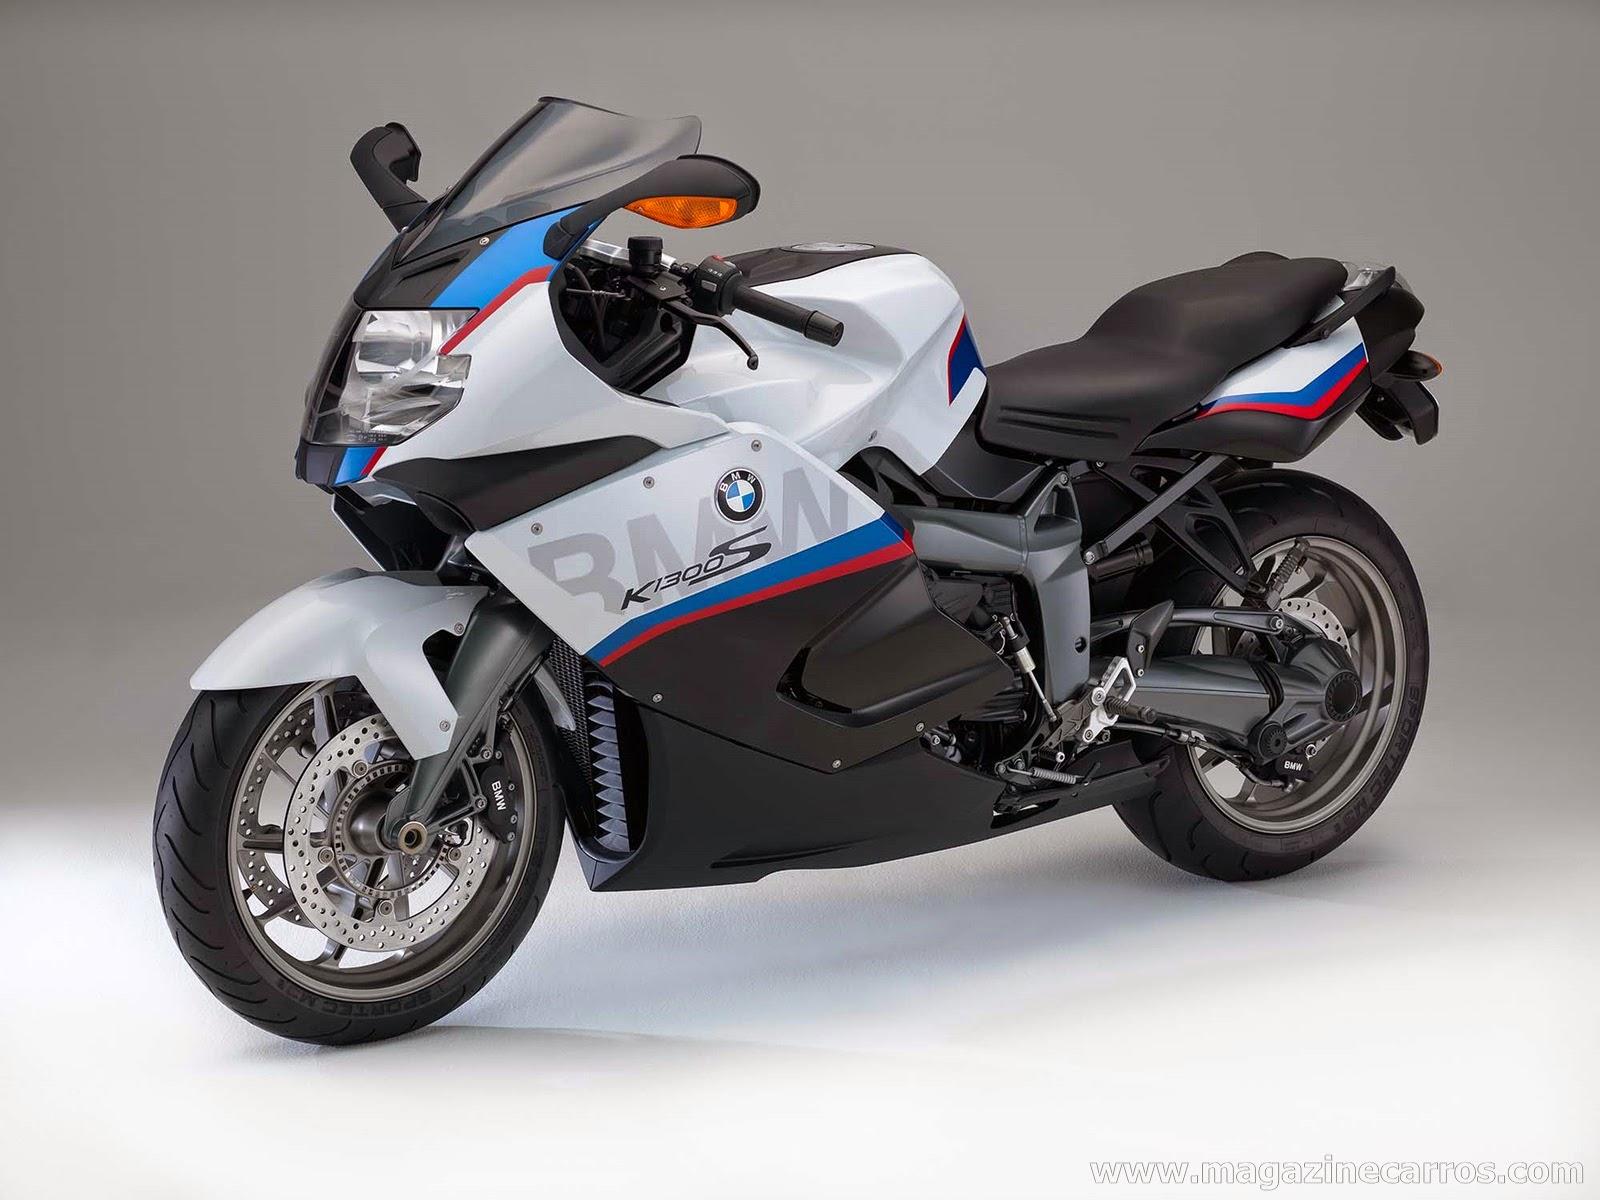 Nova BMW K 1300 S Motorsport 2015 - Uma marca já consagrada em relação a carros, que atualmente também vem chamando muito a atenção com sua linha de motocicletas